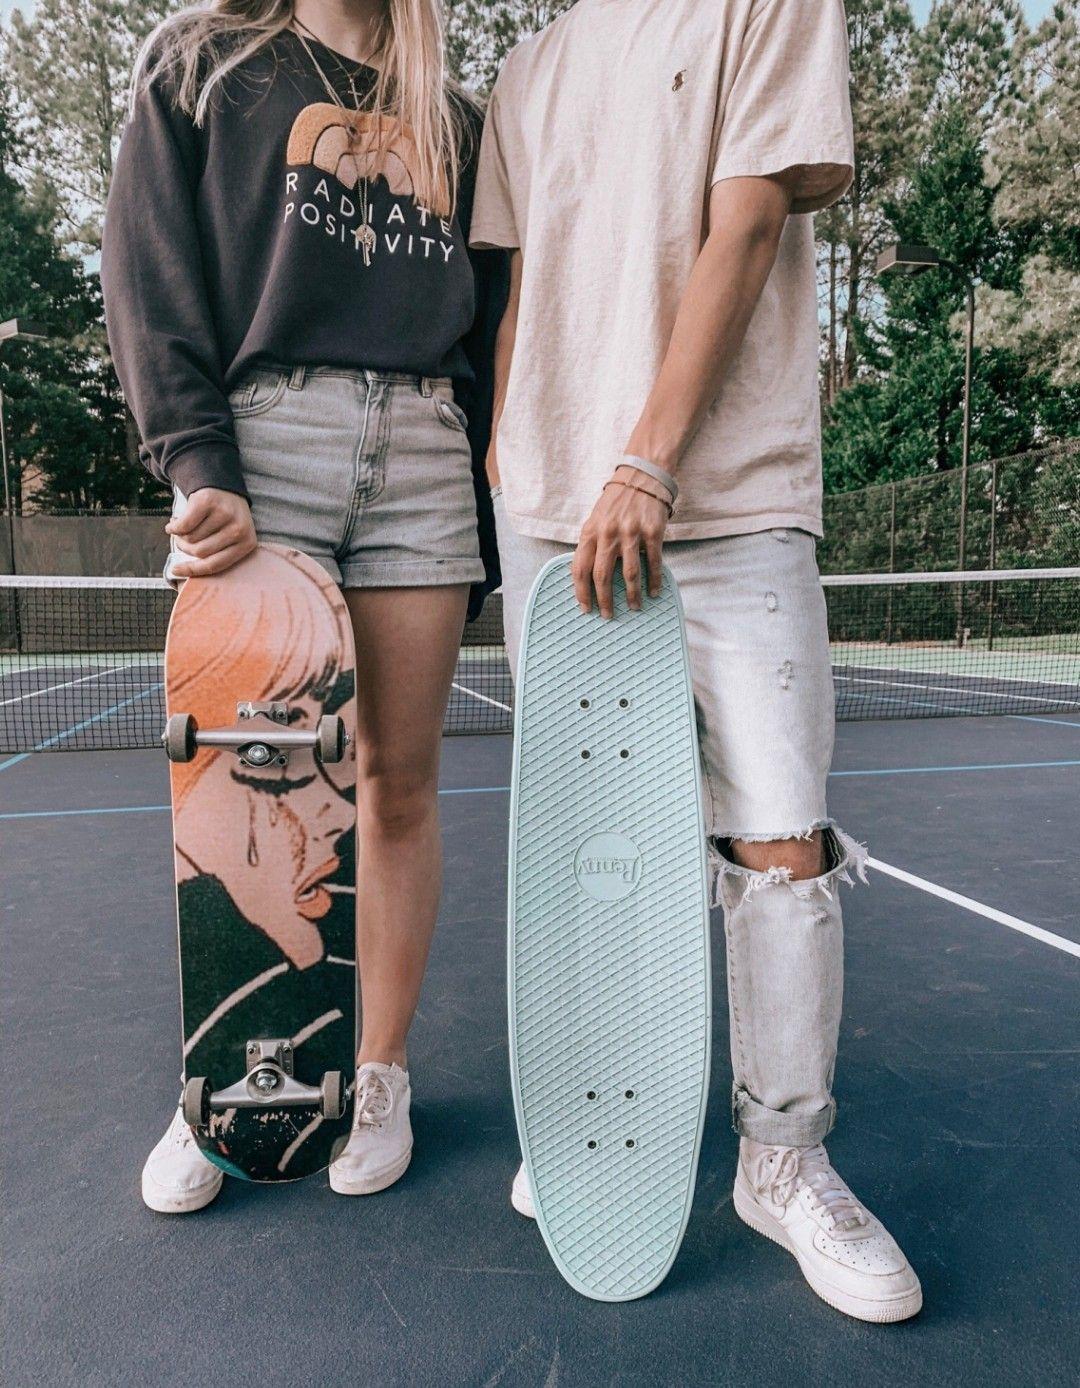 Strangertumblr Vsco Cute Photography Boy Girl Skate